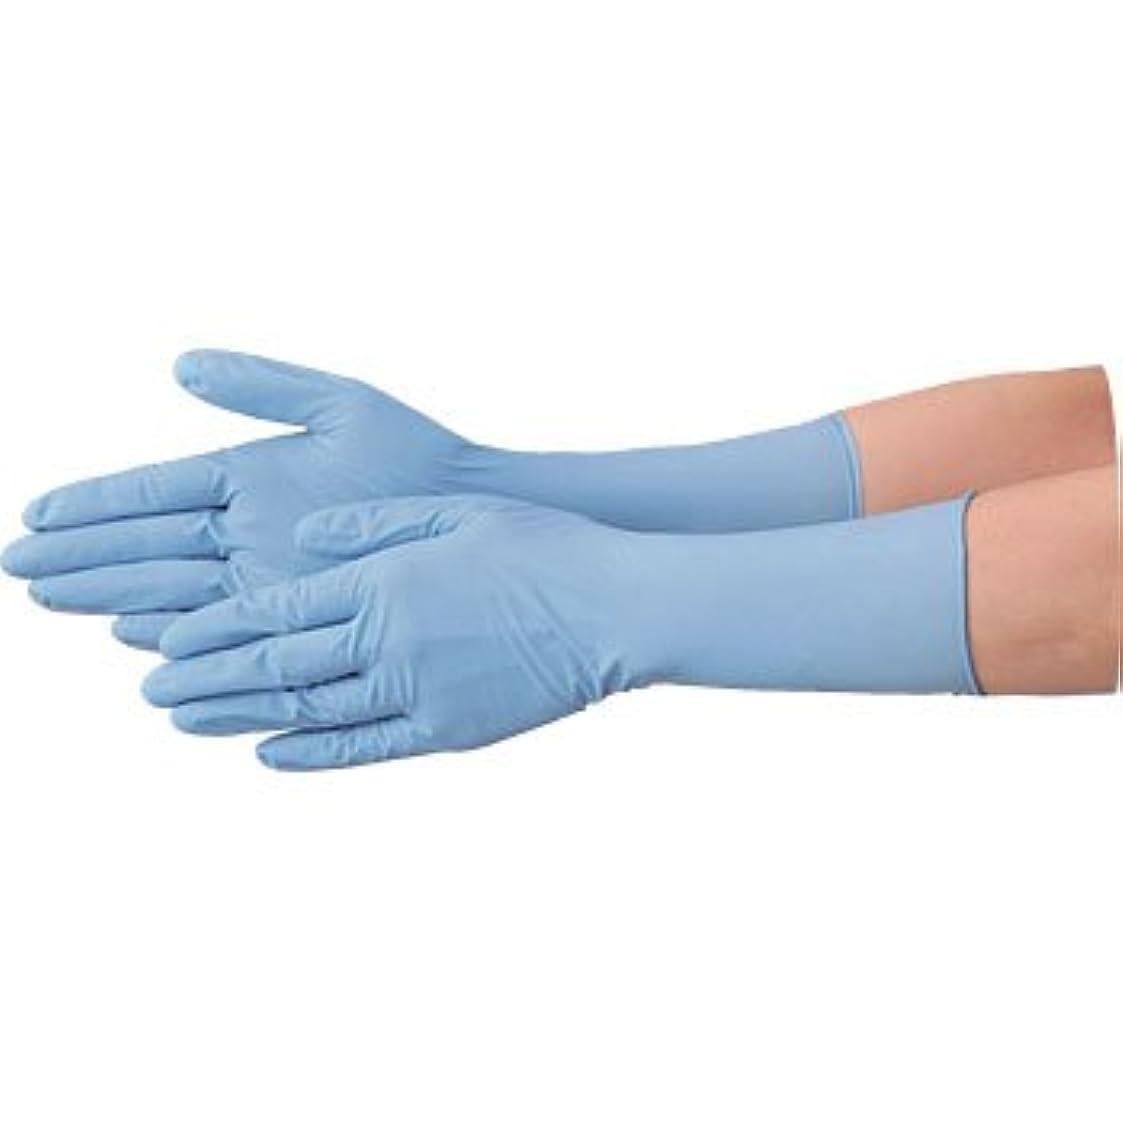 威信深める補体使い捨て 手袋 エブノ 528 ニトリル ロング手袋 パウダーフリー 全長29cm ブルー Sサイズ 2ケース(100枚×40箱)